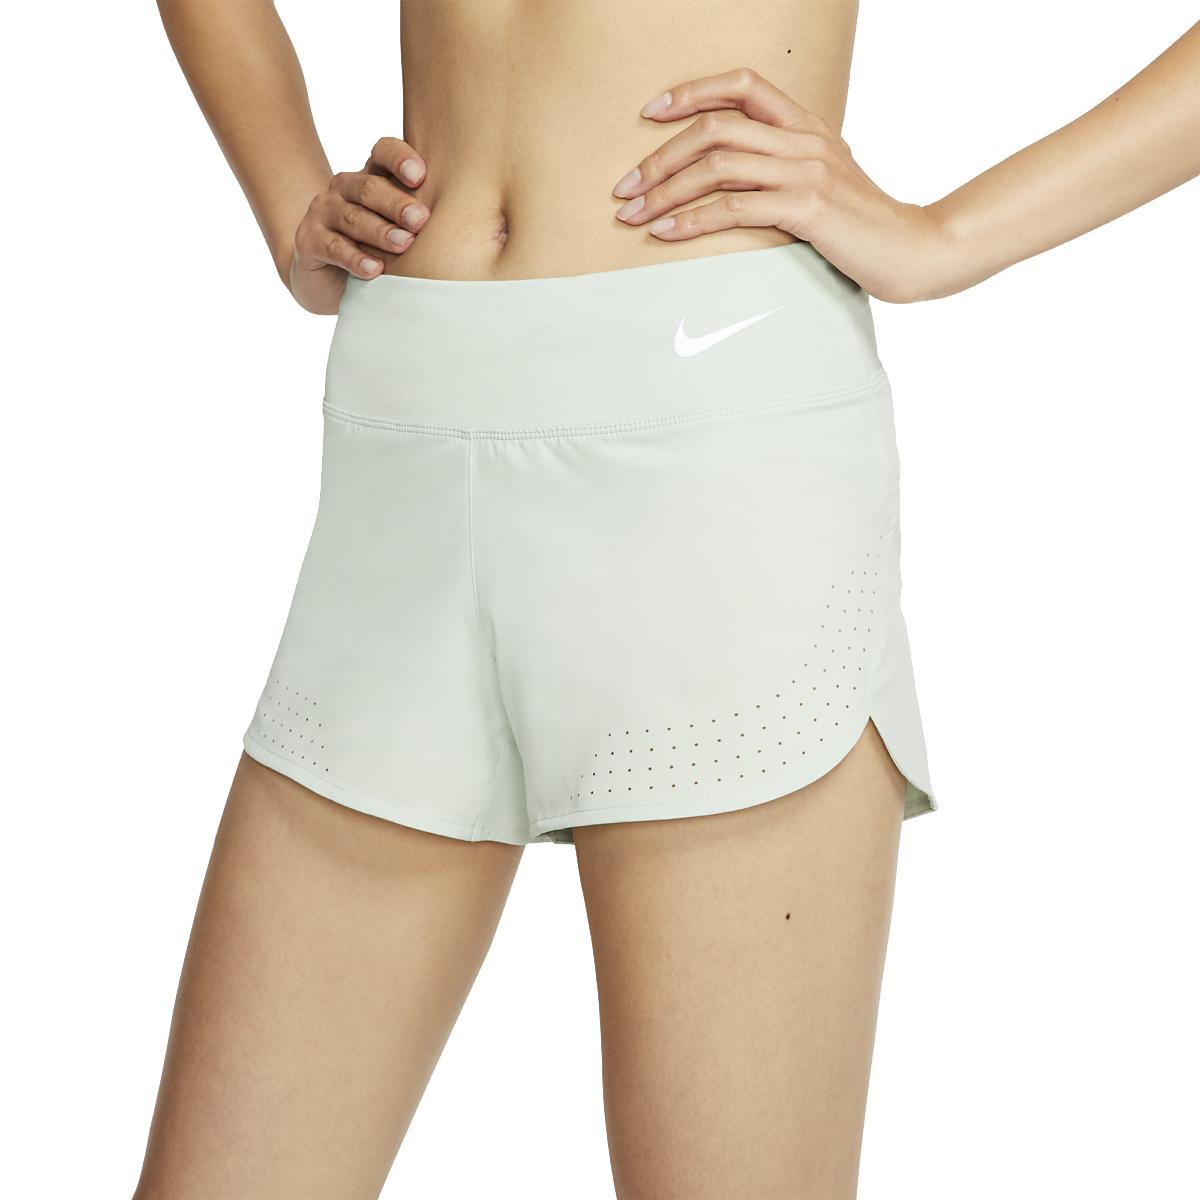 Women's Nike Eclipse 3 Inch Short  - Color: Pistachio Frost - Size: XL, Pistachio Frost, large, image 1